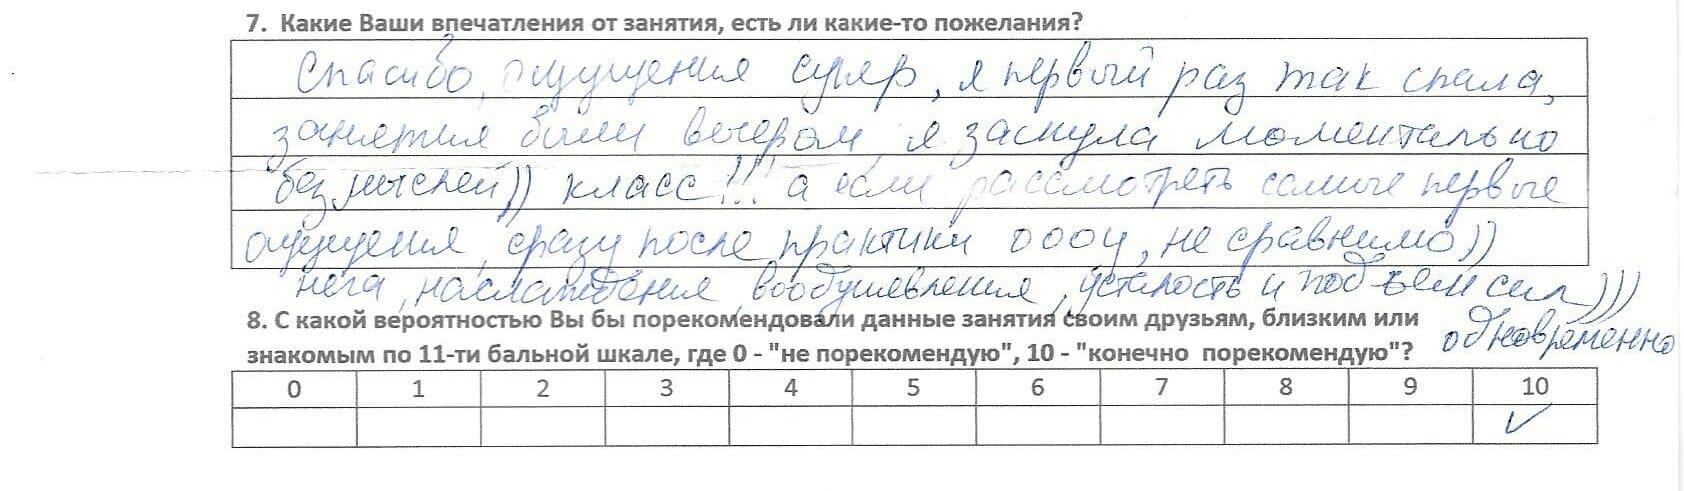 Лучшие занятия йога для начинающих в Москве отзывы